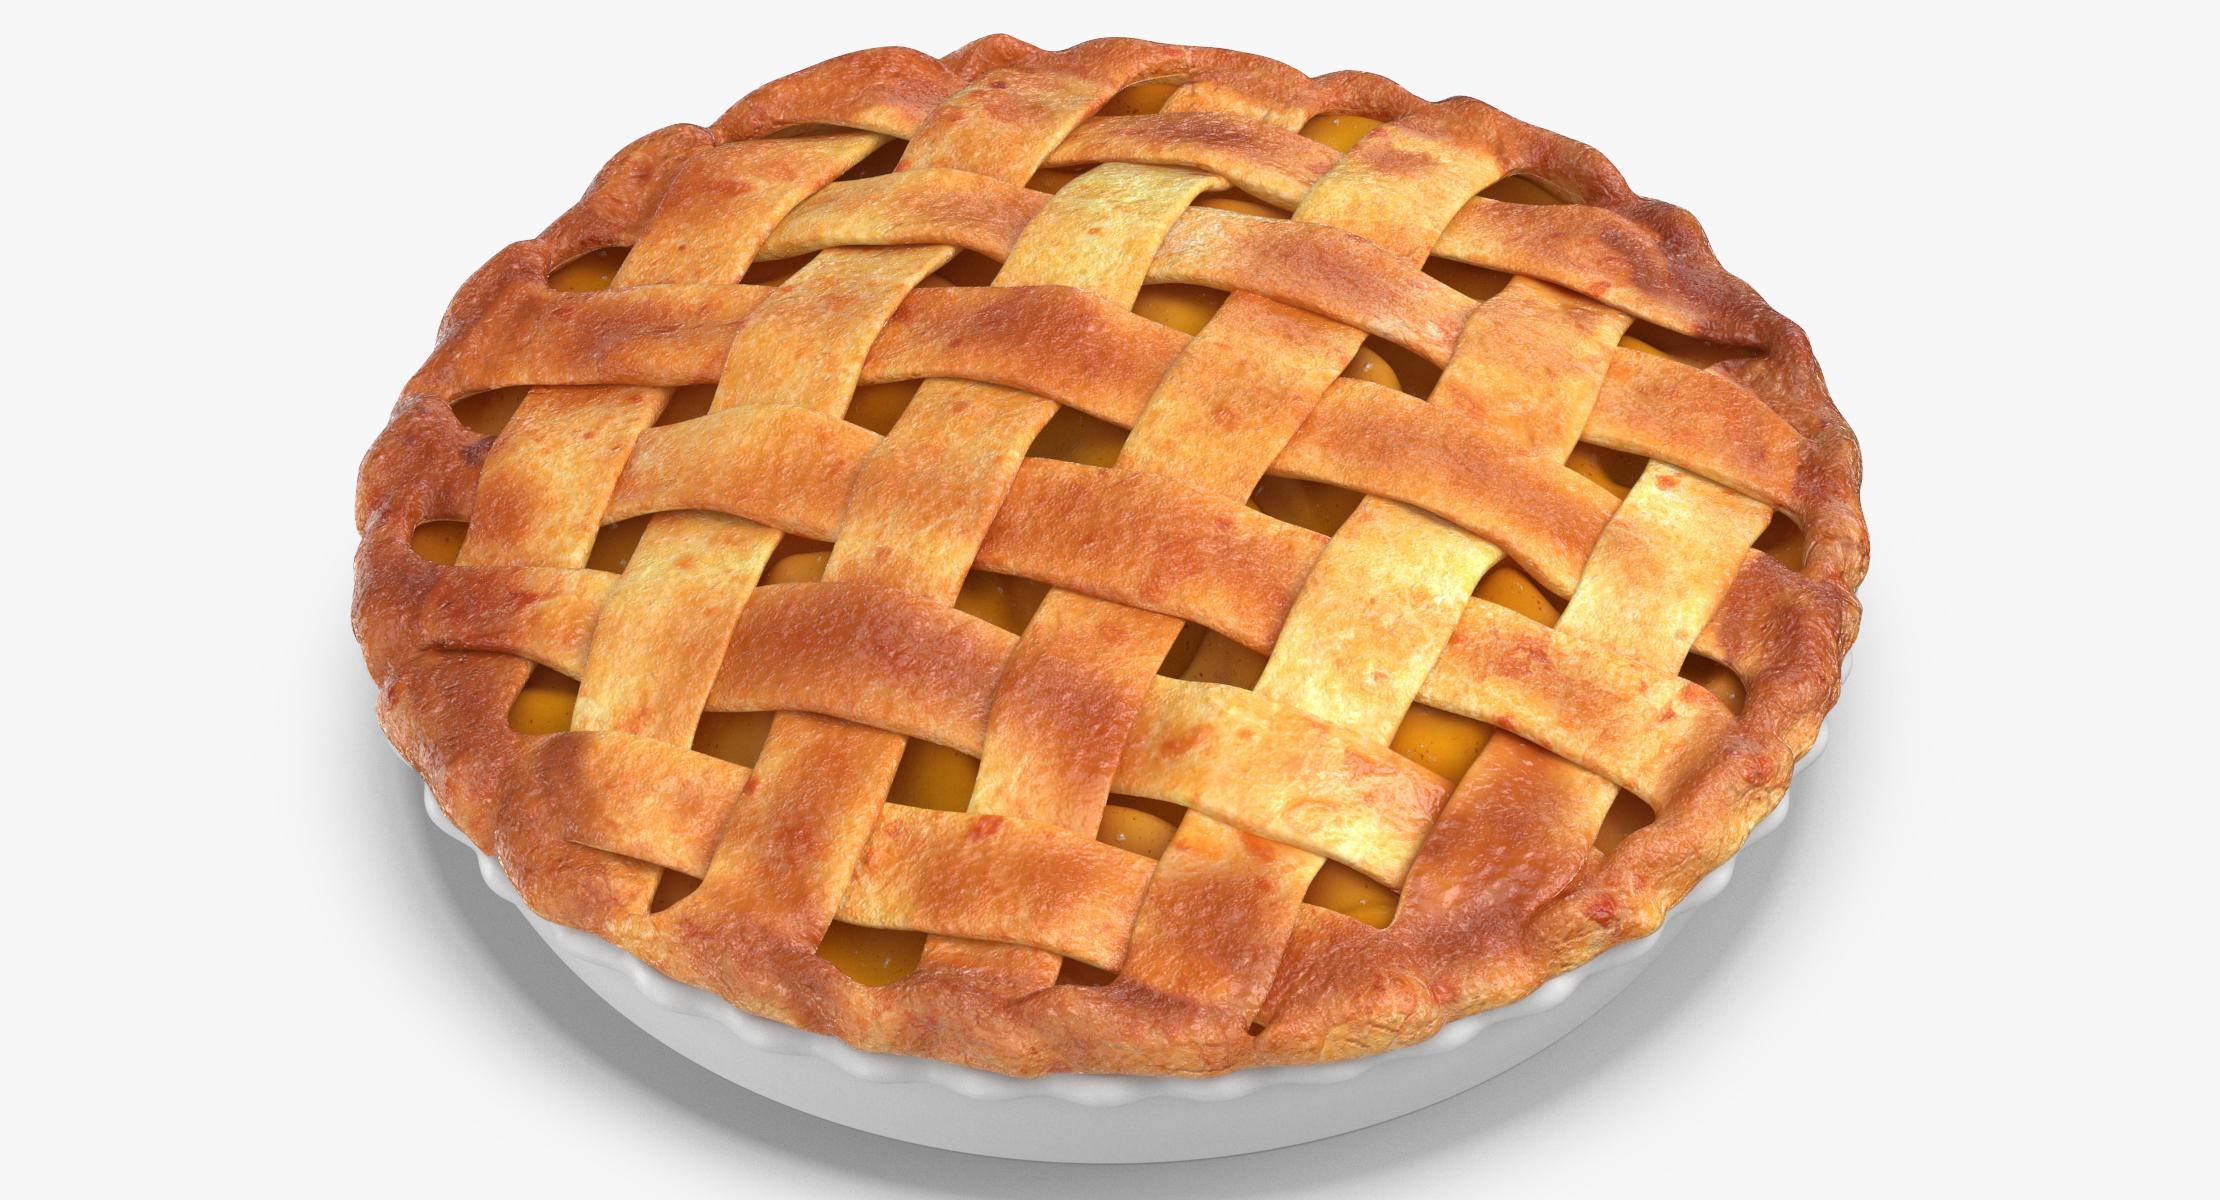 Apple Pie 02 - reel 1